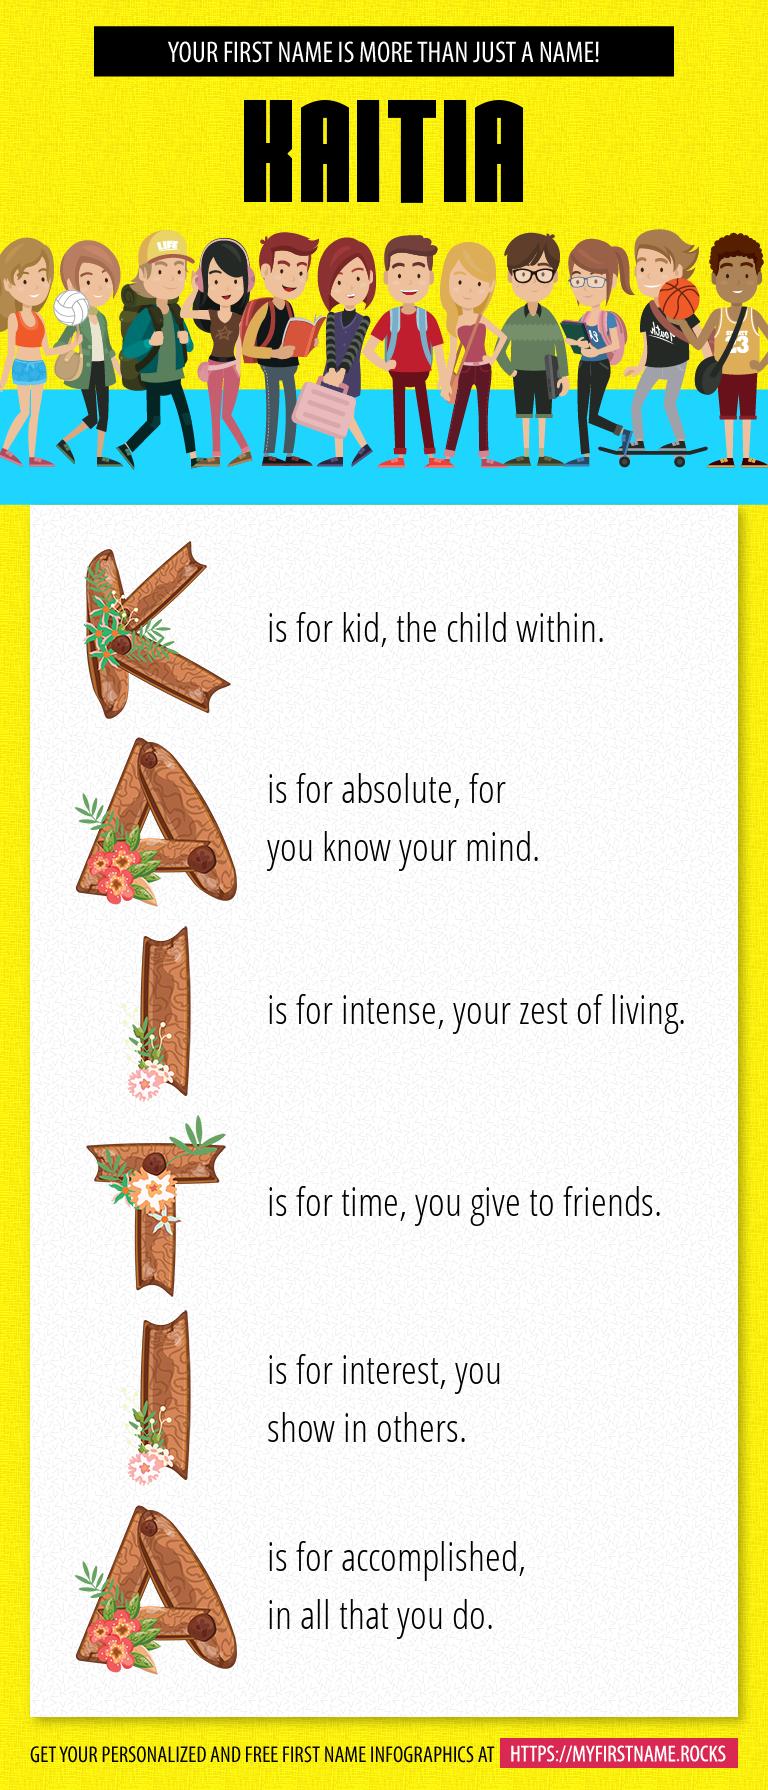 Kaitia Infographics